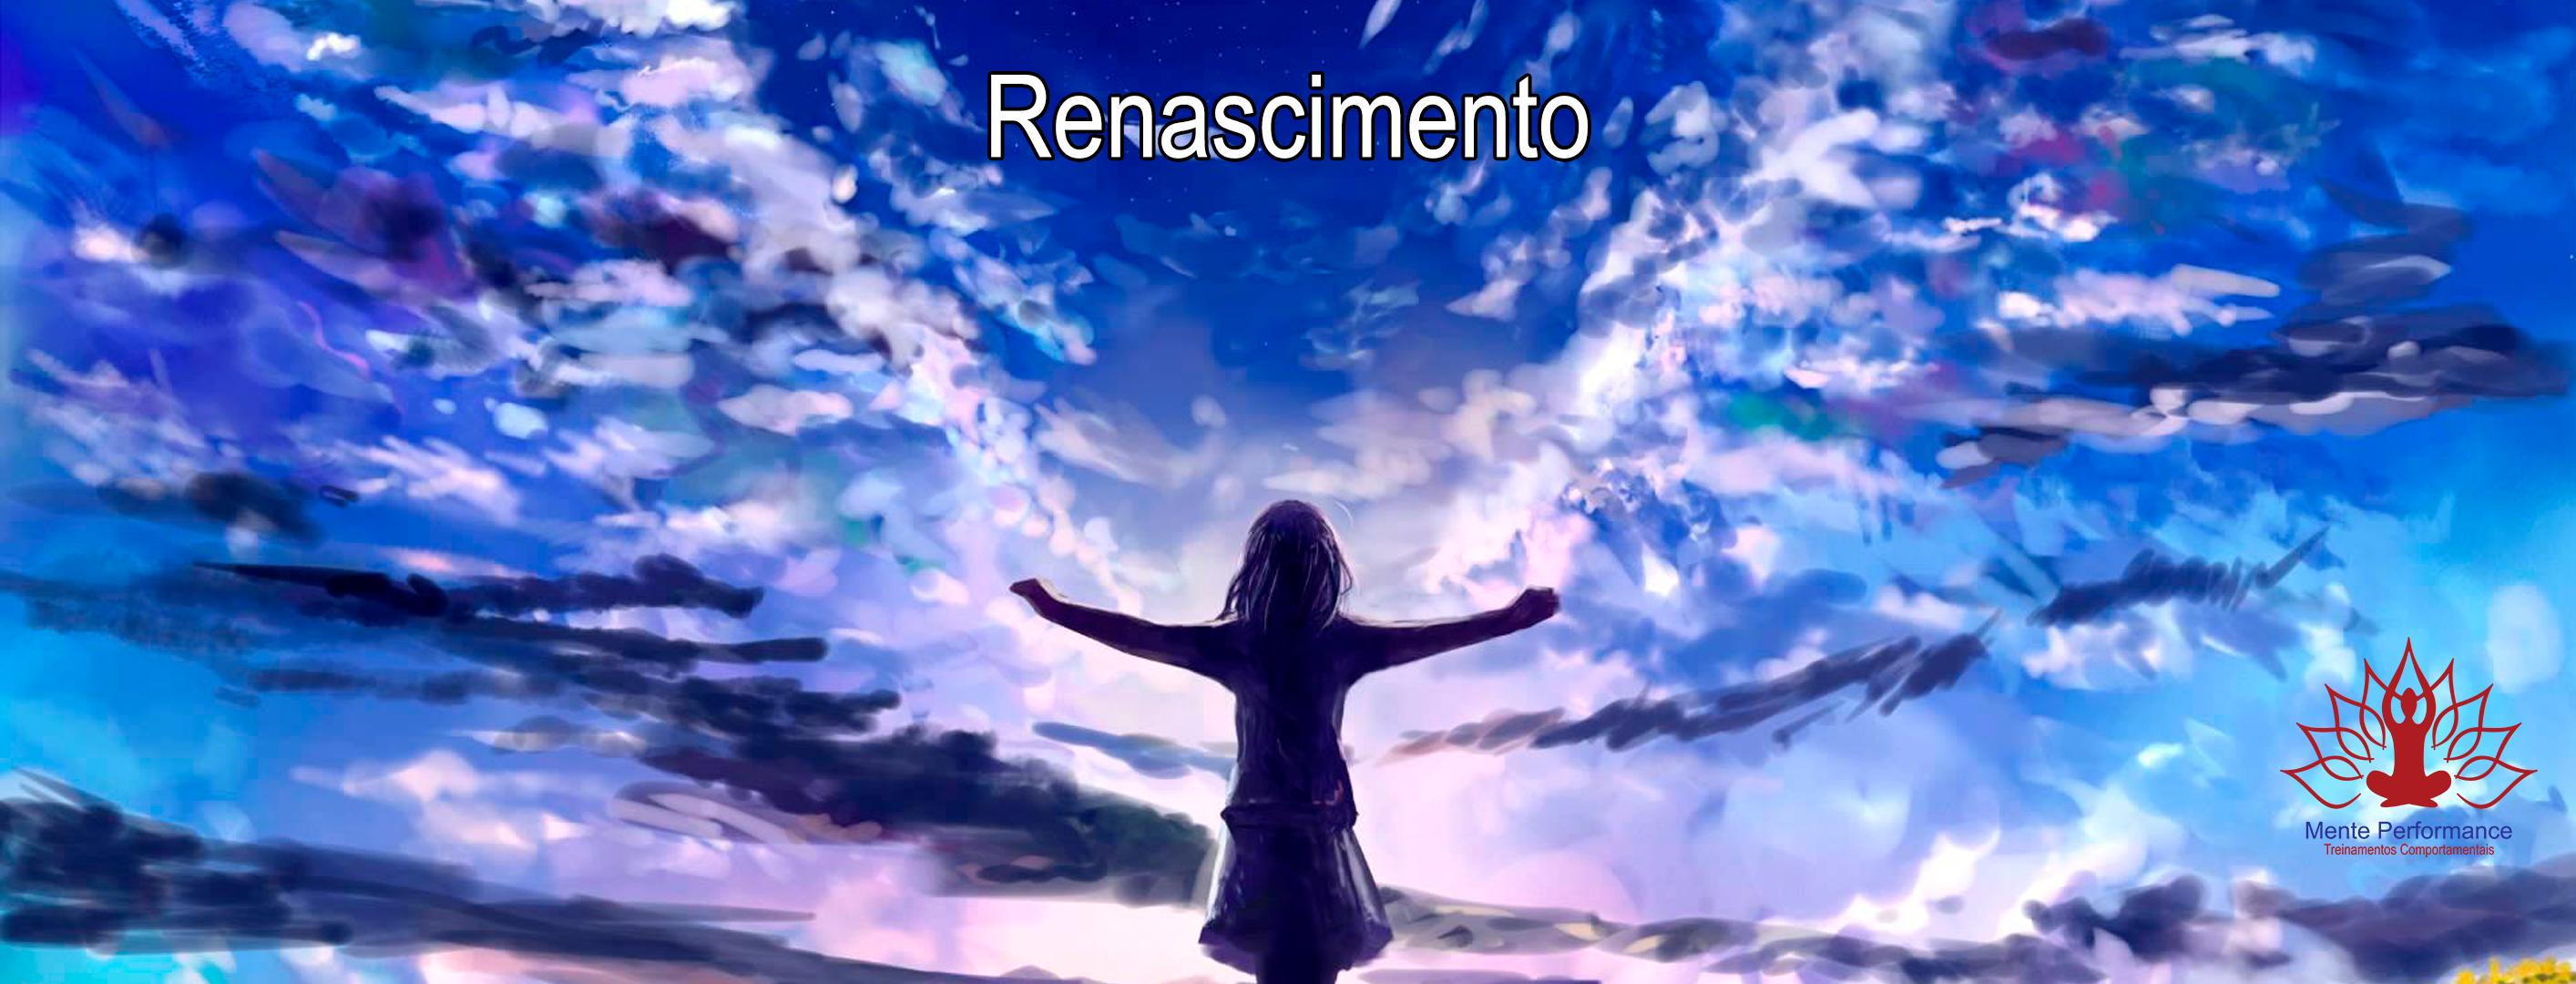 Renascimento.png